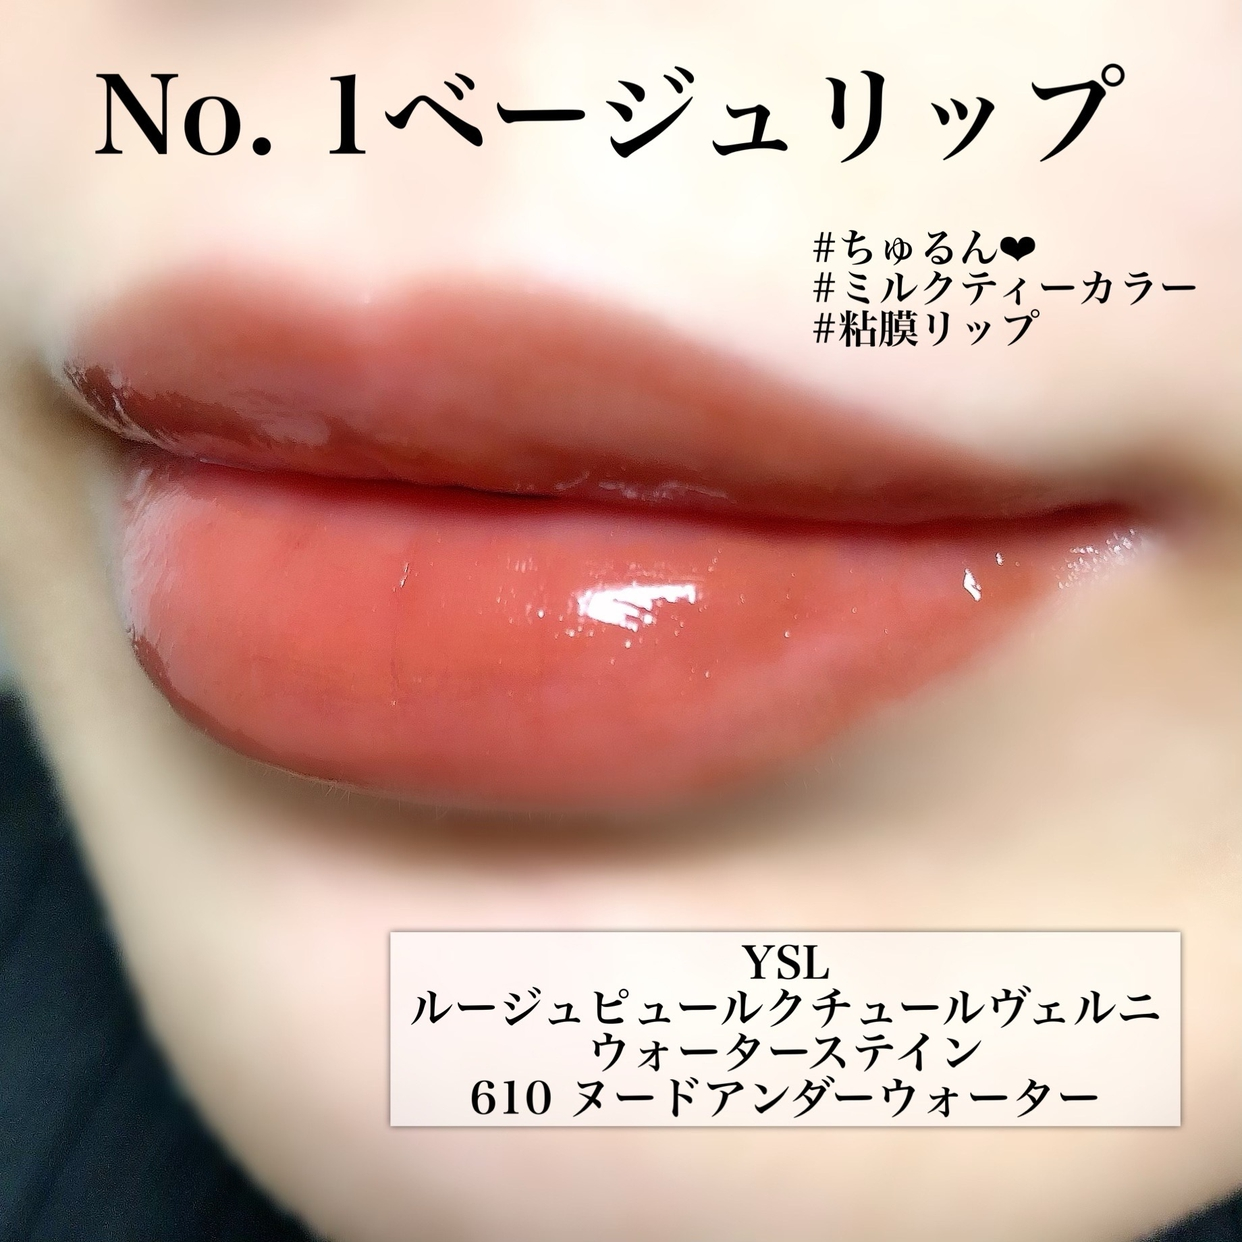 YVES SAINT LAURENT(イヴ・サンローラン) ルージュ ピュールクチュール ヴェルニ ウォーターステインを使ったRukapiさんのクチコミ画像